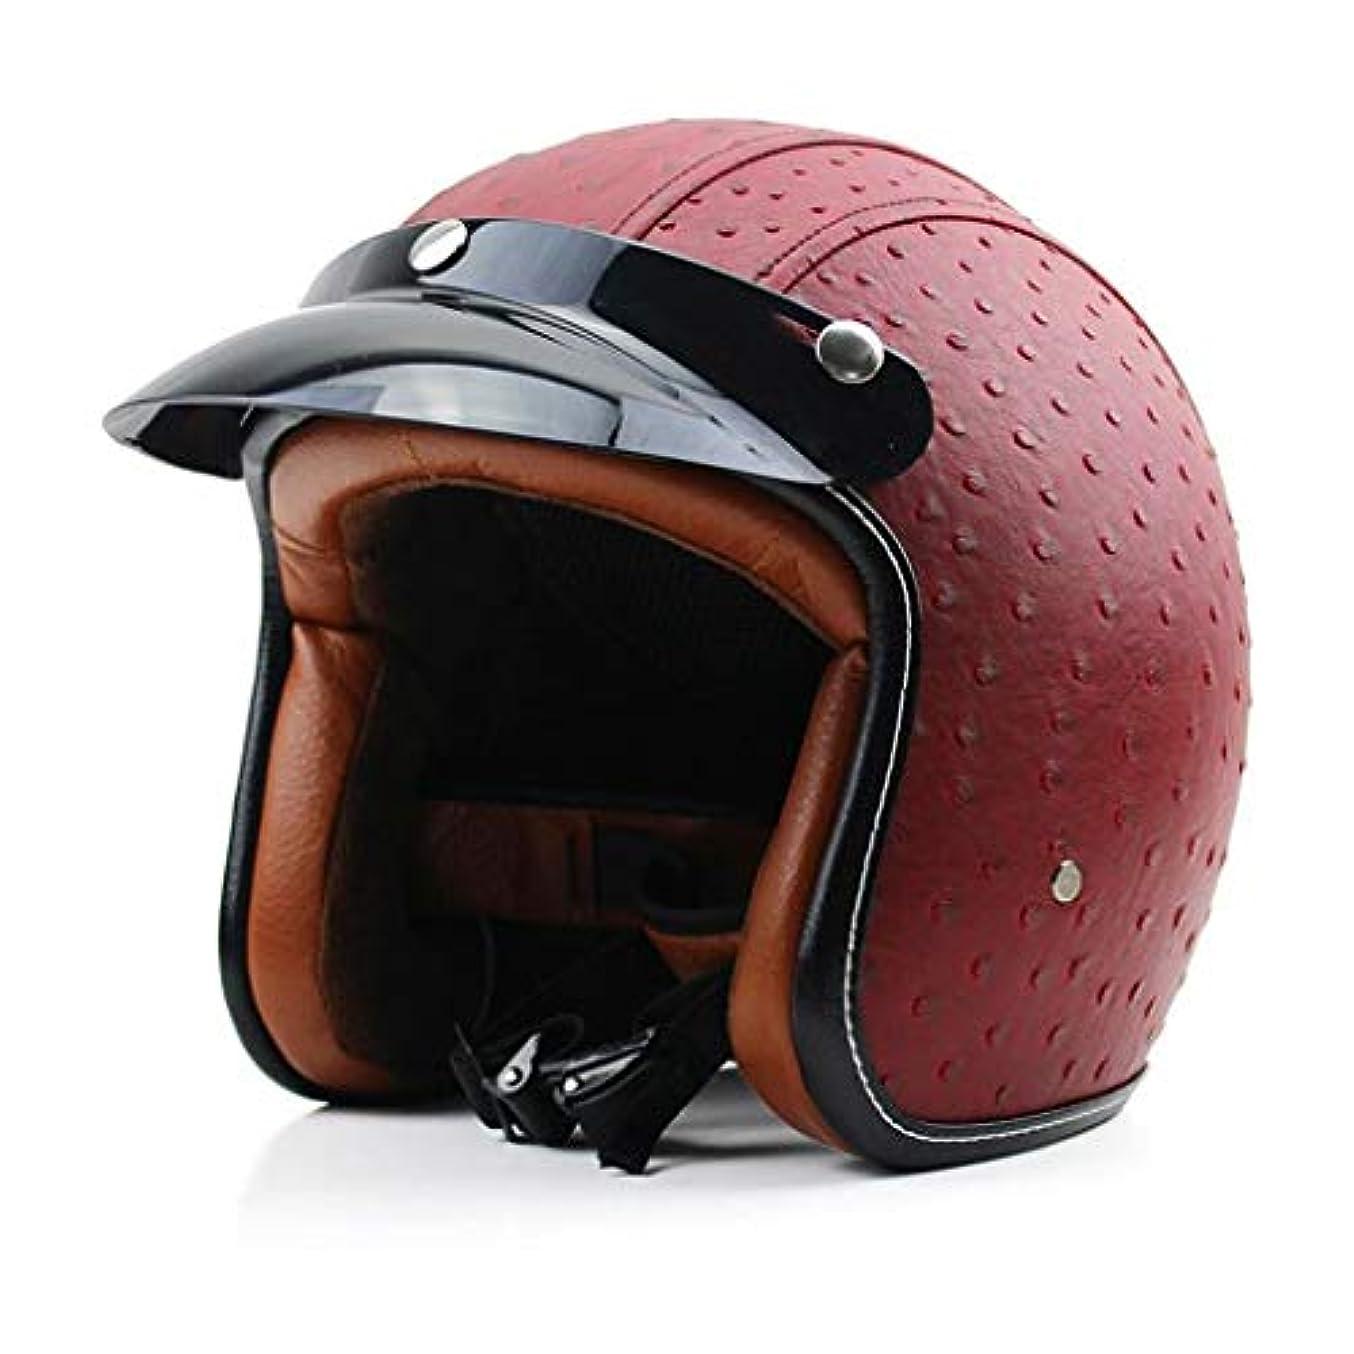 約バイナリ浮く大人用ヘルメット、レトロパイナップルスキンオールラウンドサイクリングペダルオートバイヘルメット安全キャップスポーツアウトドア - (M/L/XL) ヘルメット